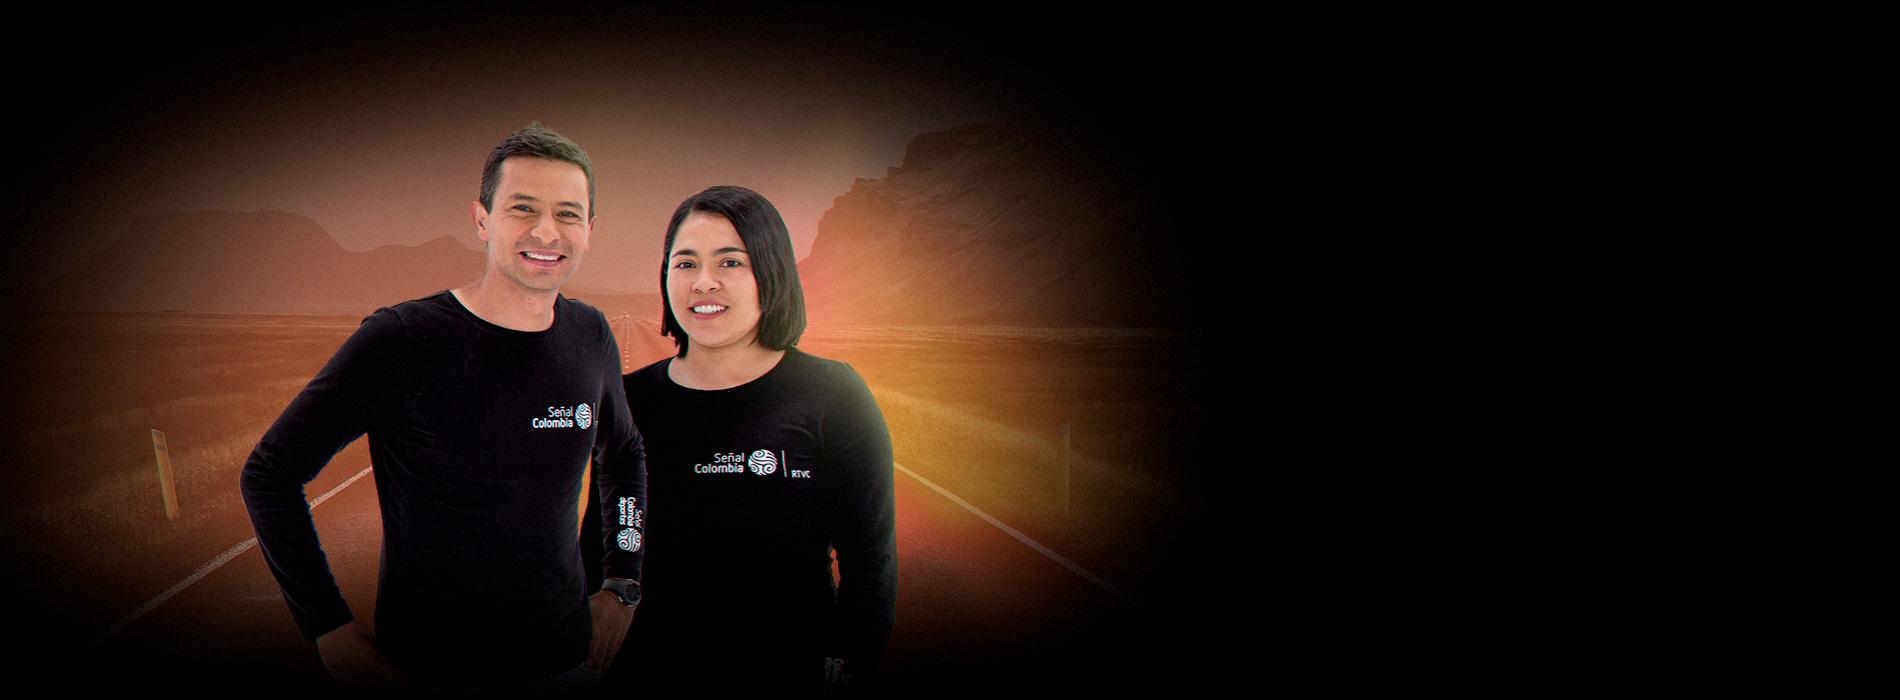 Andrés Paéz, Marisol Toro y Álvaro Mejía son los talentos que narran y comentan el Santos Tour 2020.